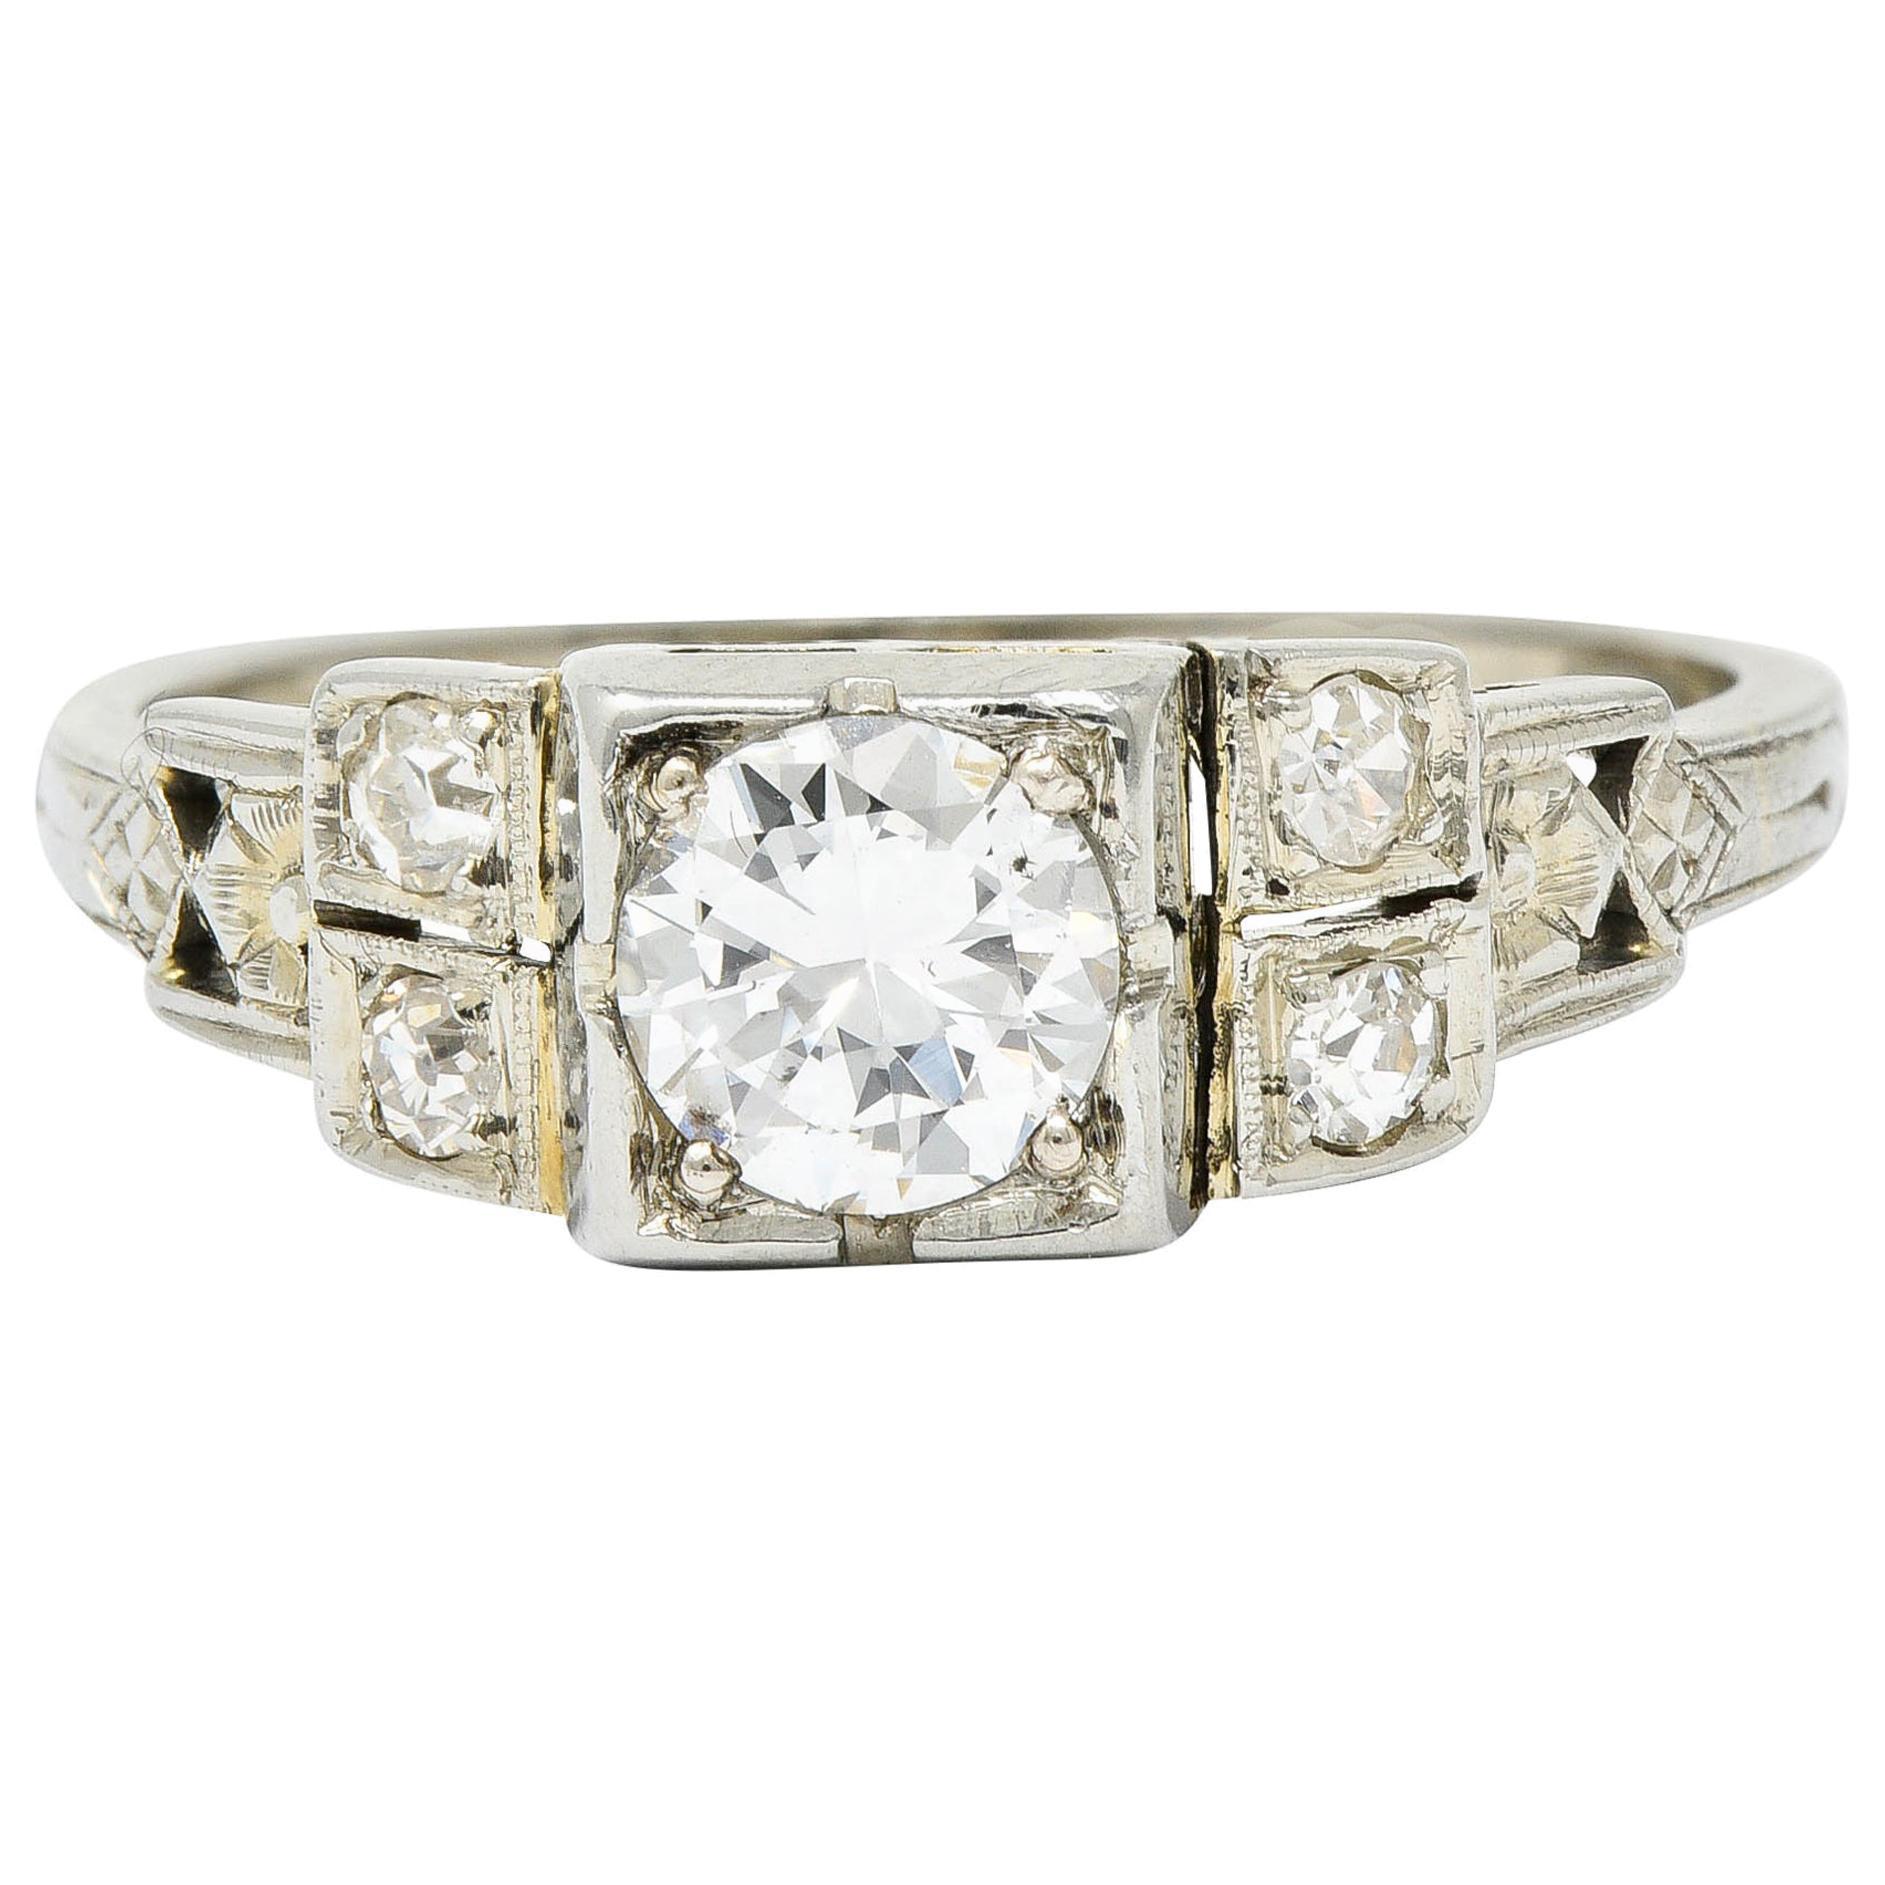 Early Retro 0.65 Carat Diamond 18 Karat White Gold Engagement Ring